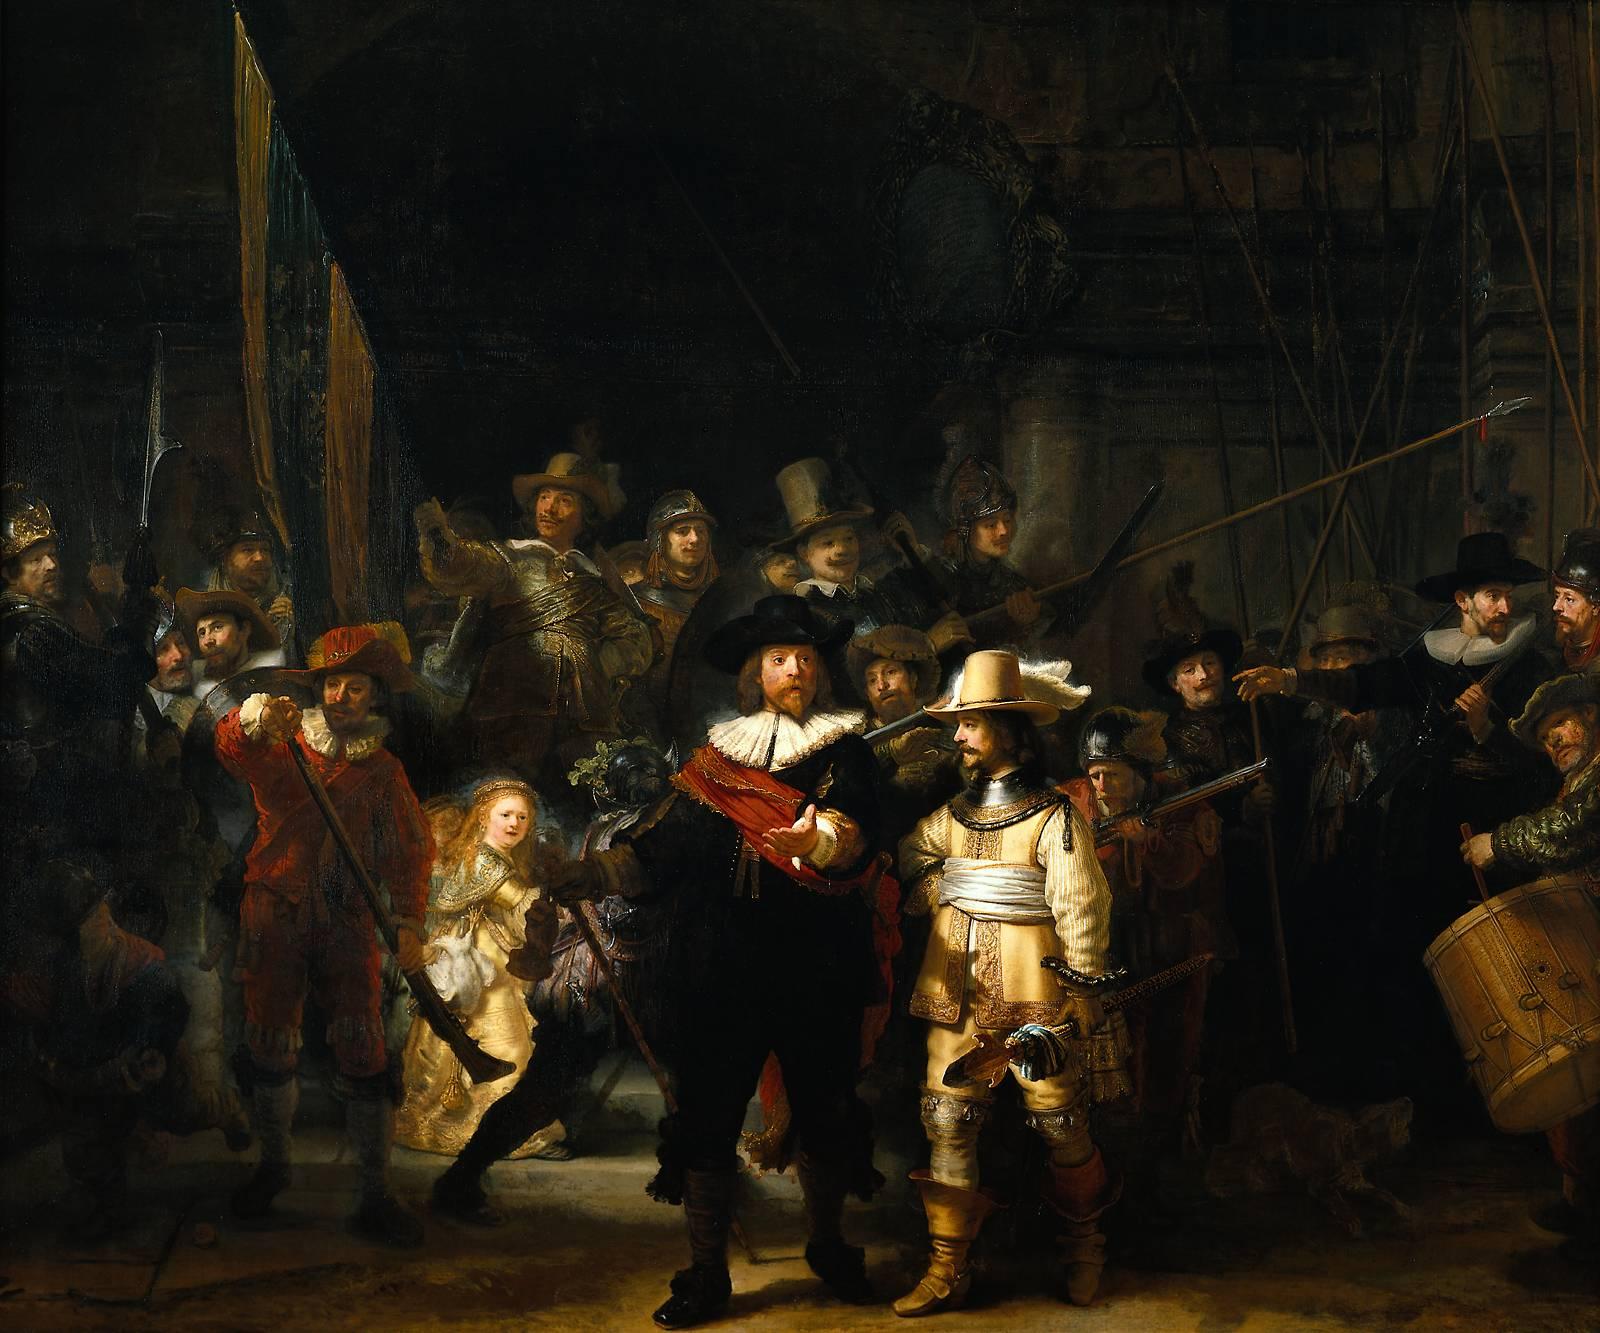 Рембрандт, 1642 год, картина «Ночной дозор».